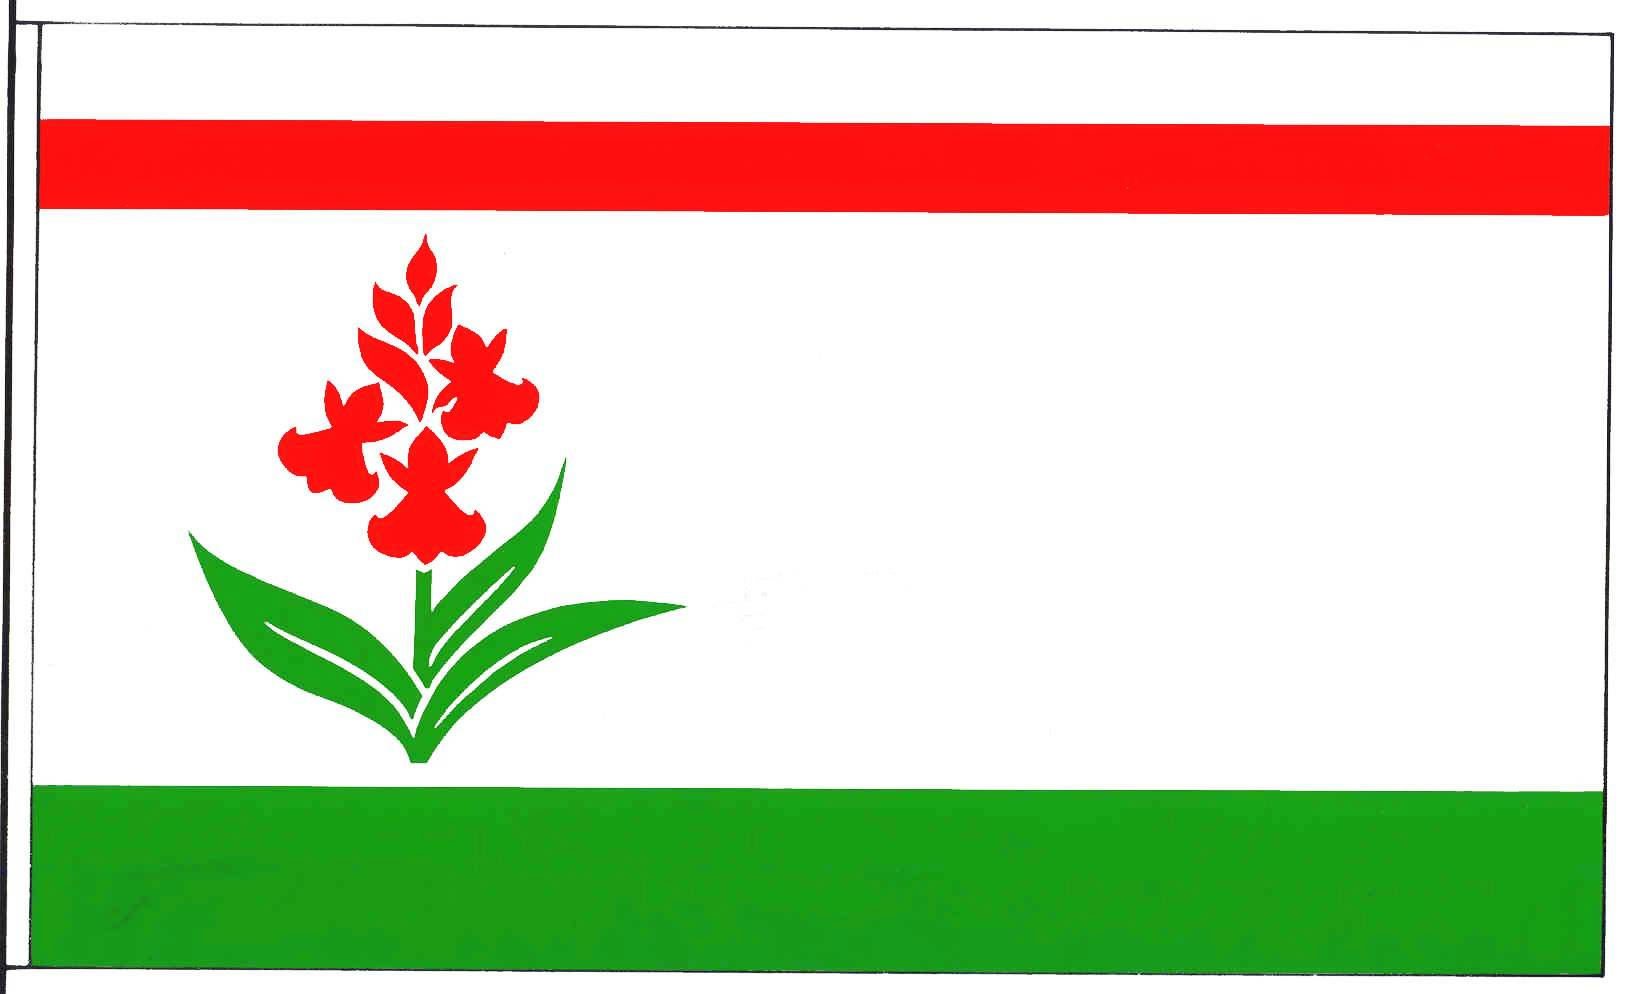 Flagge GemeindeHüttblek, Kreis Segeberg